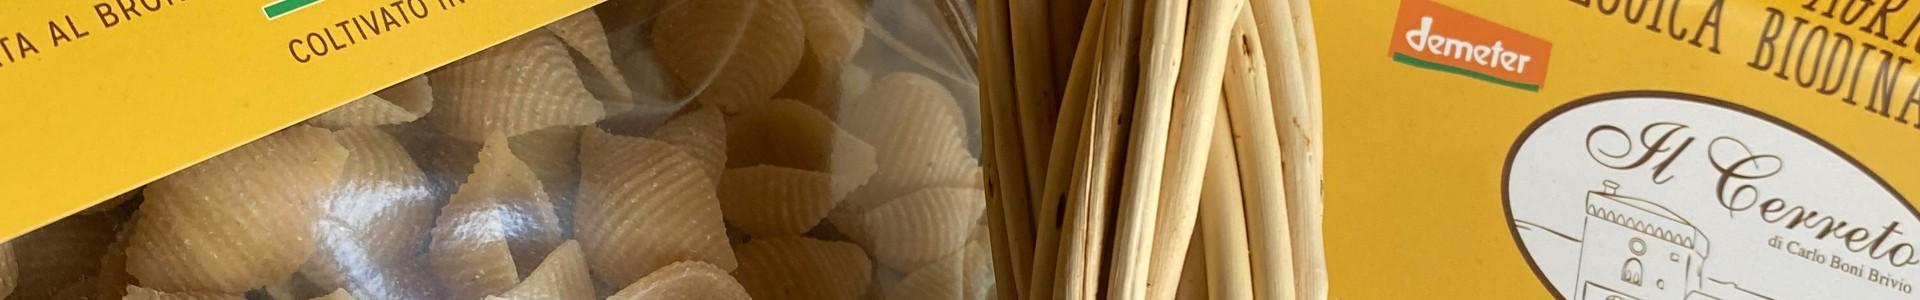 Pasta di grano duro biologica biodinamica - Il Cerreto